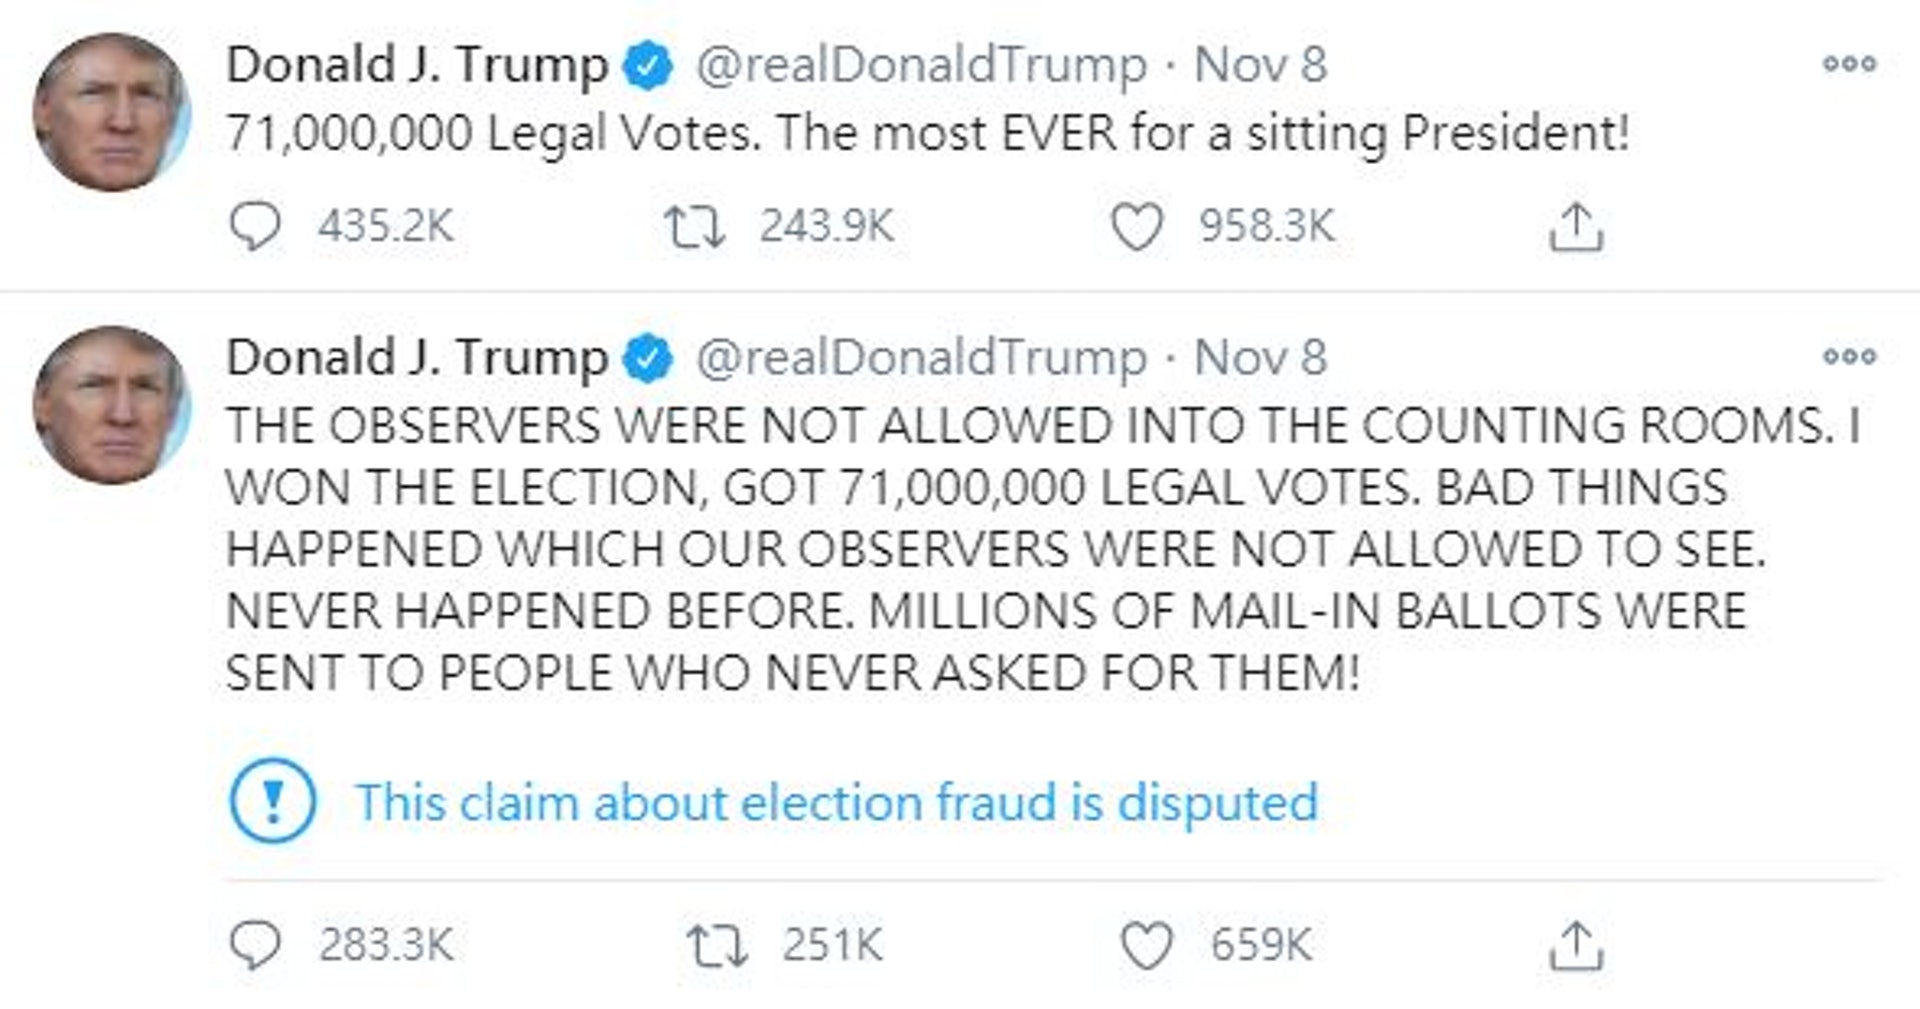 特朗普推特将被禁?失去总统光环恐怕不能再乱说话